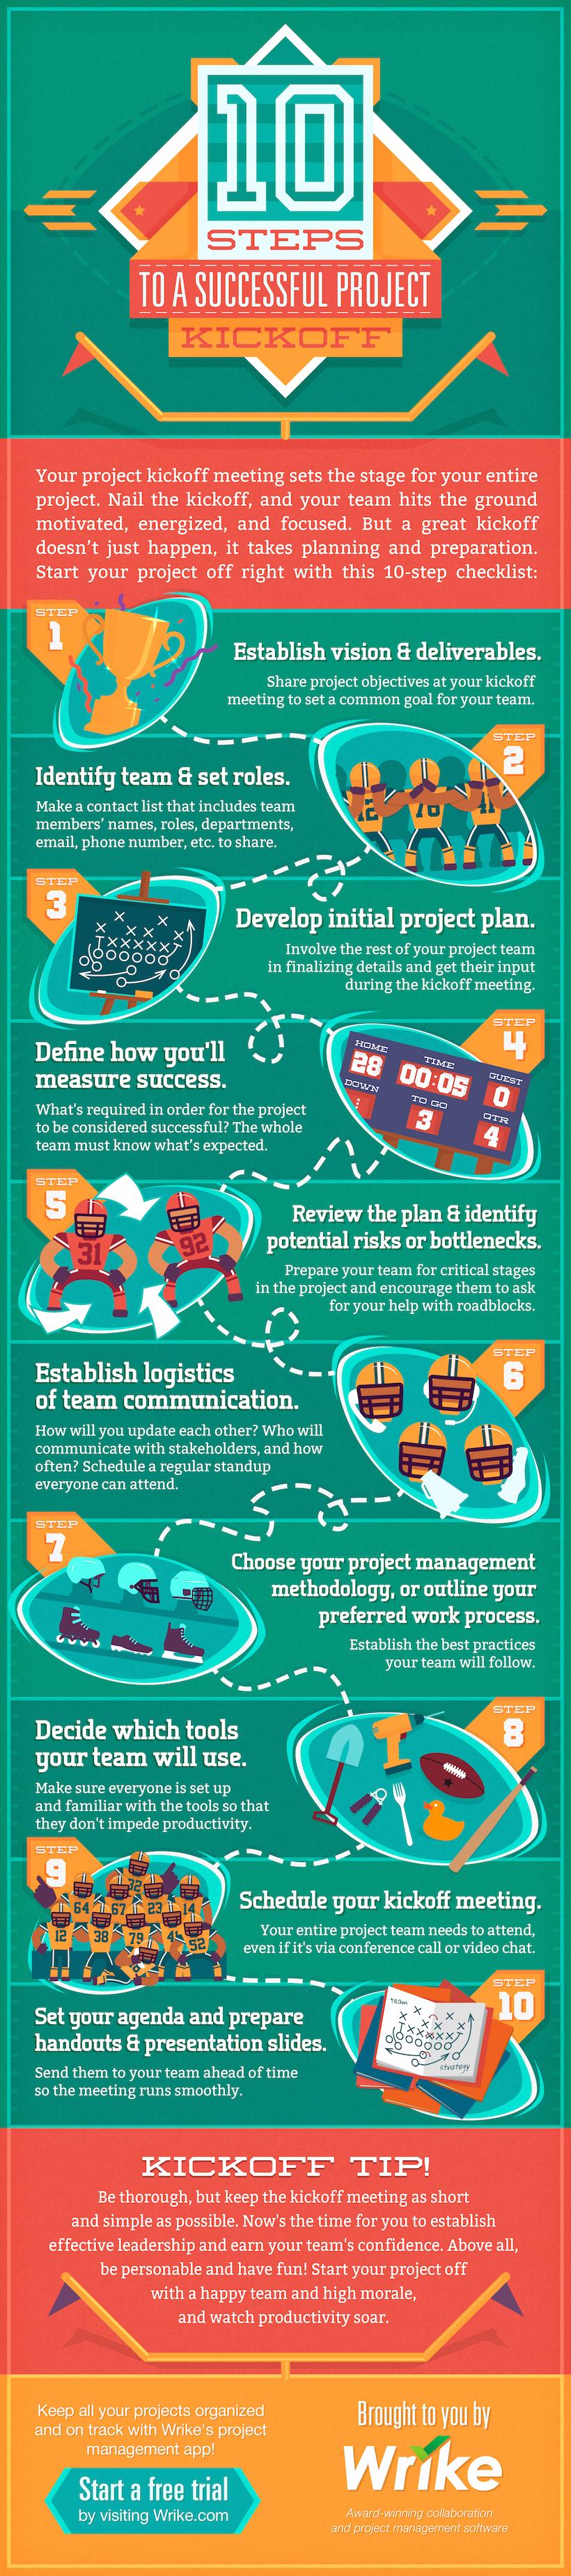 Lancement de projet efficace : check list en 10 étapes 2